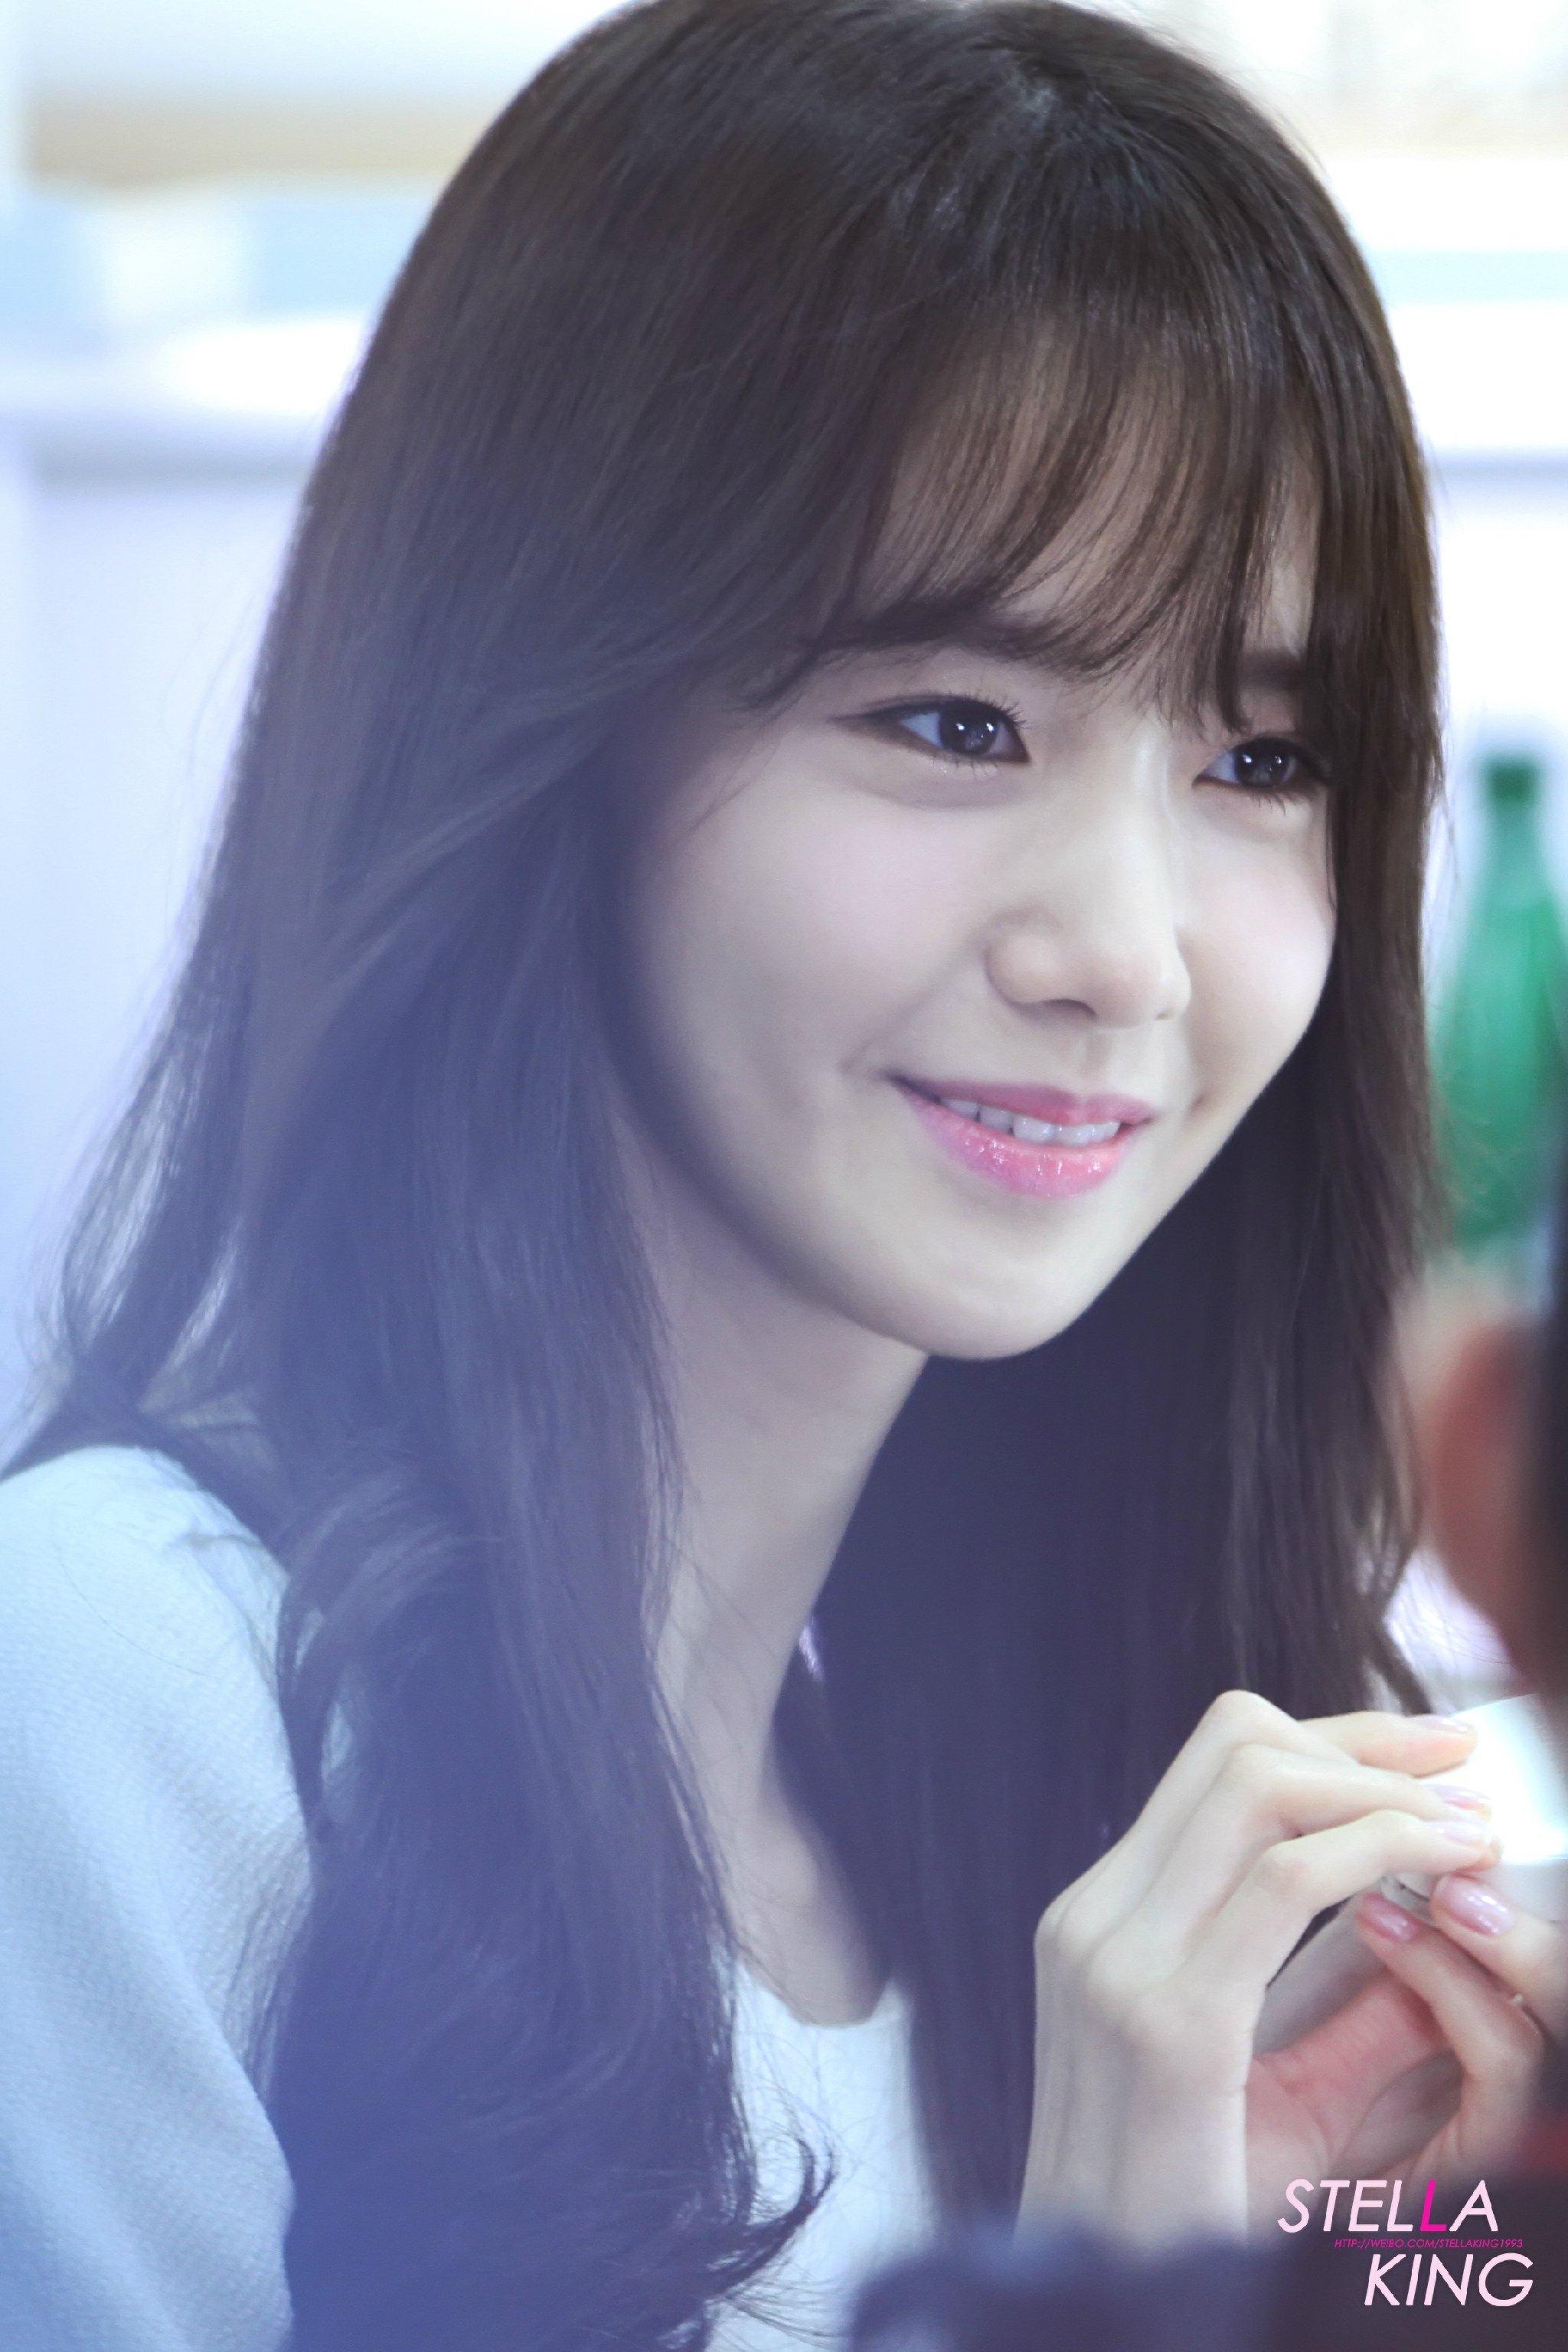 Yoona Forever 21 Bcgweoajxzhrjkwdcqie